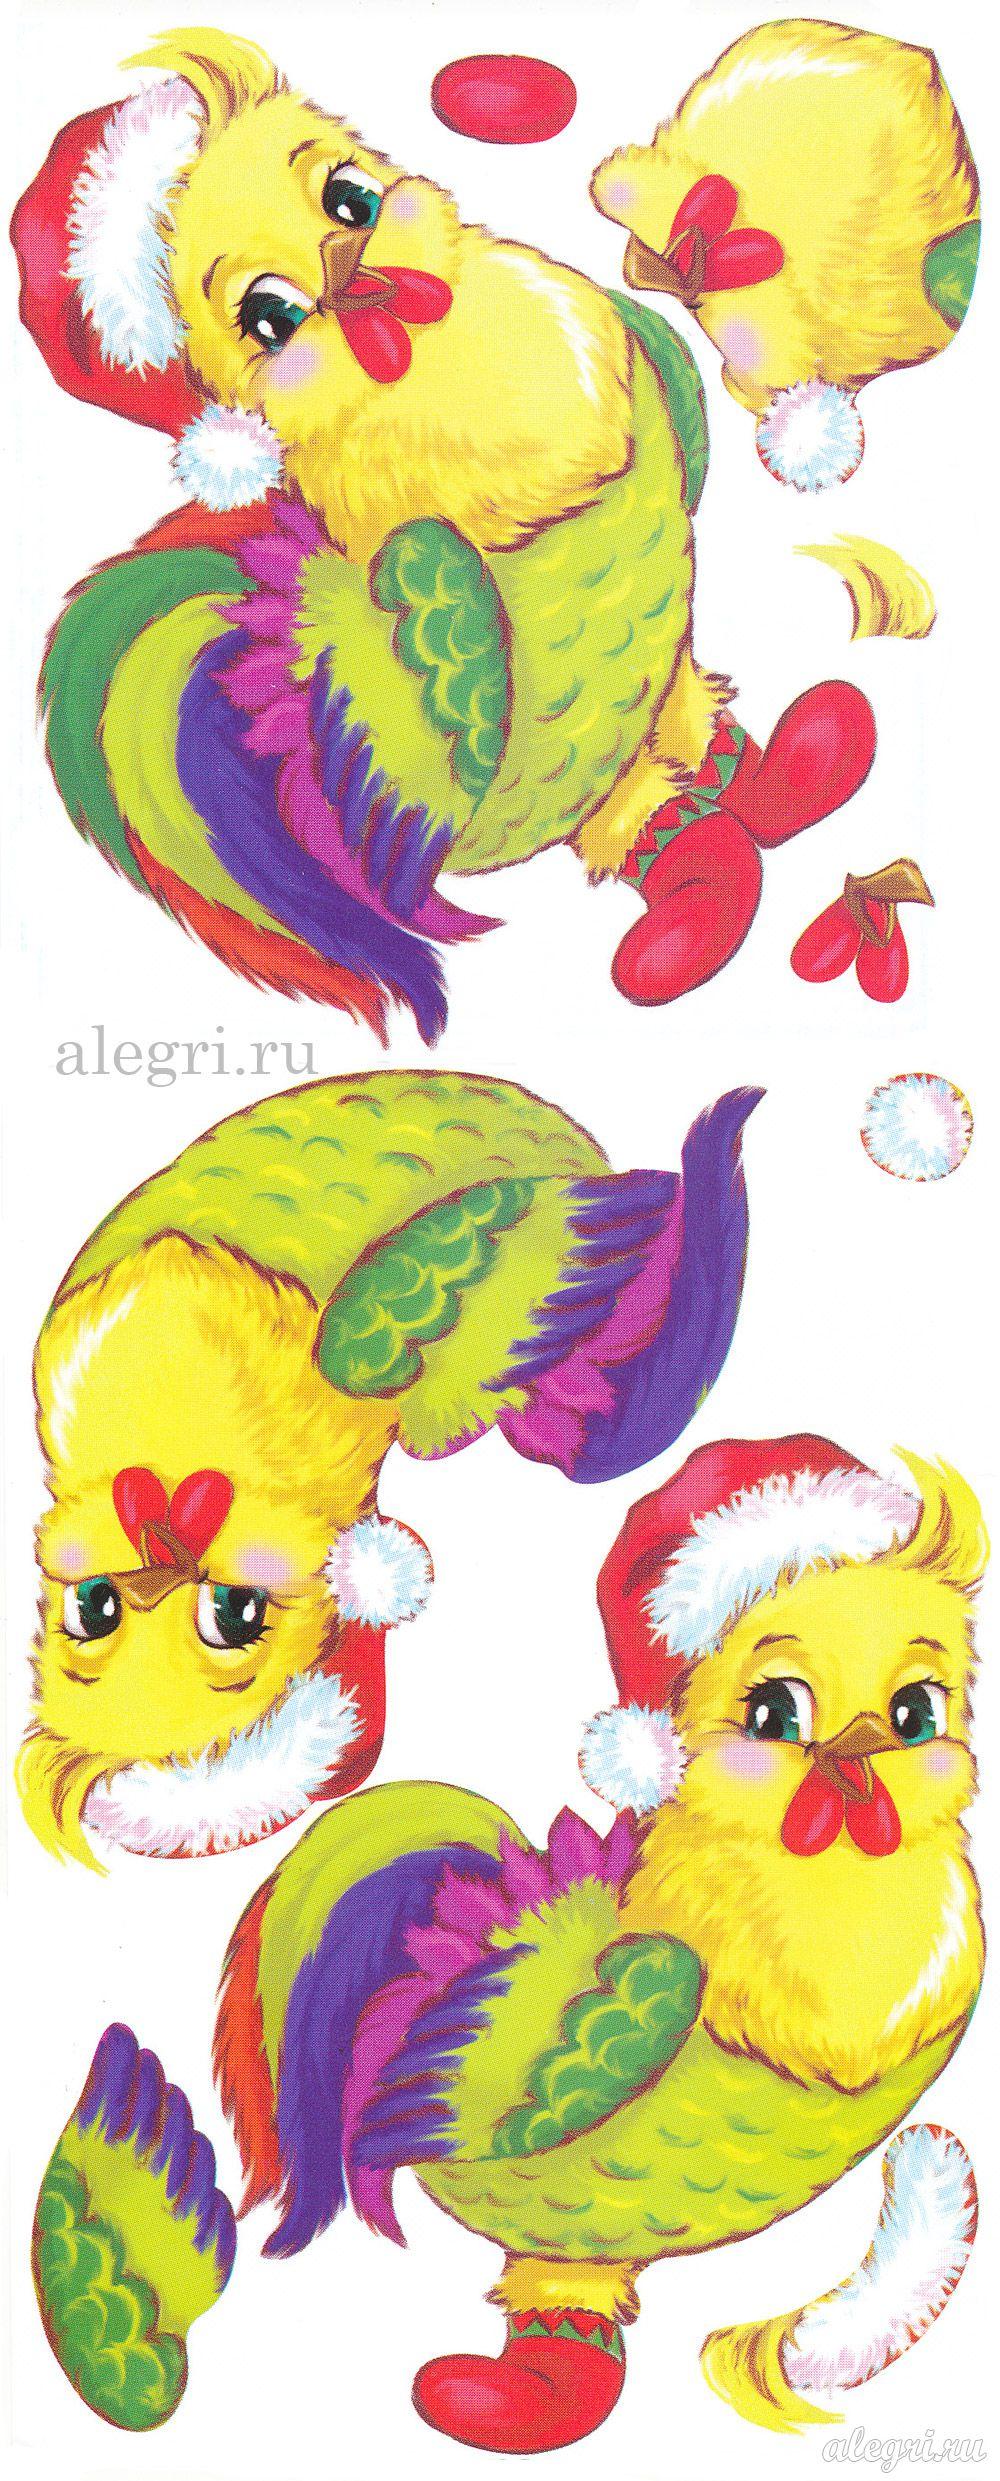 Шаблон новогодней открытки с петухом